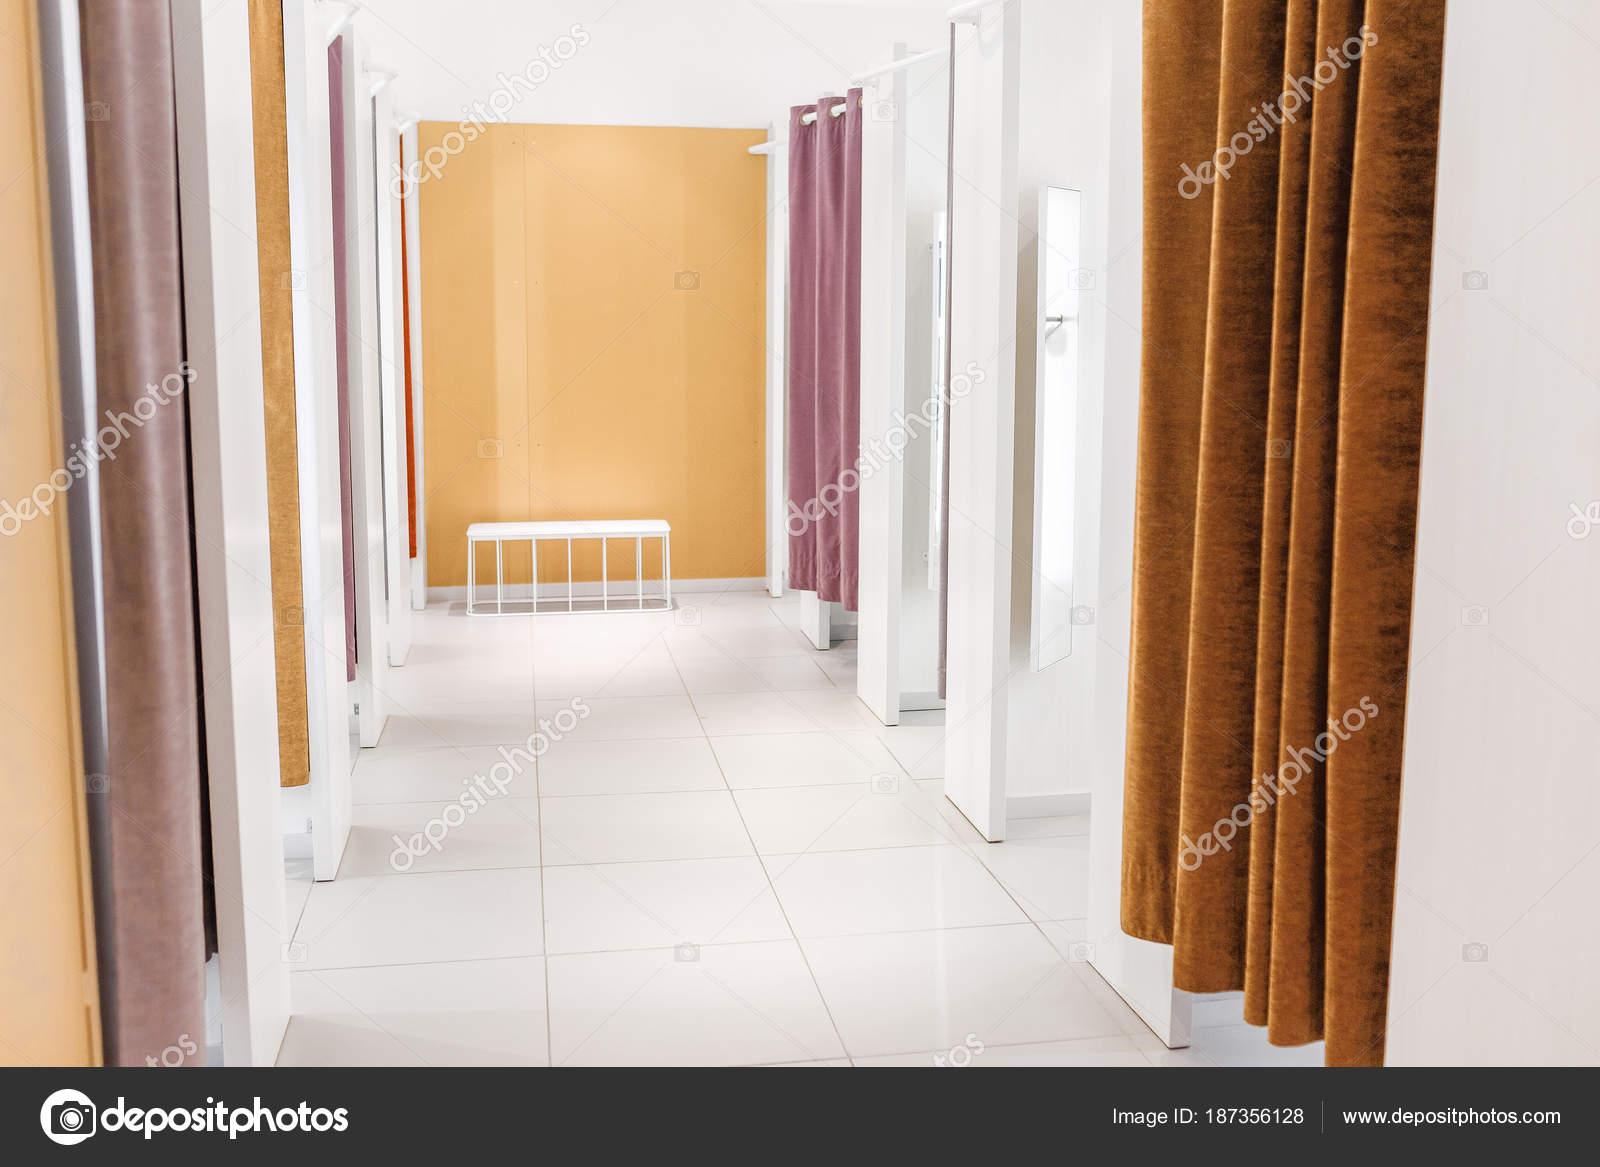 montage en kleedkamers met gordijnen in een winkel in winkelcentrum stockfoto